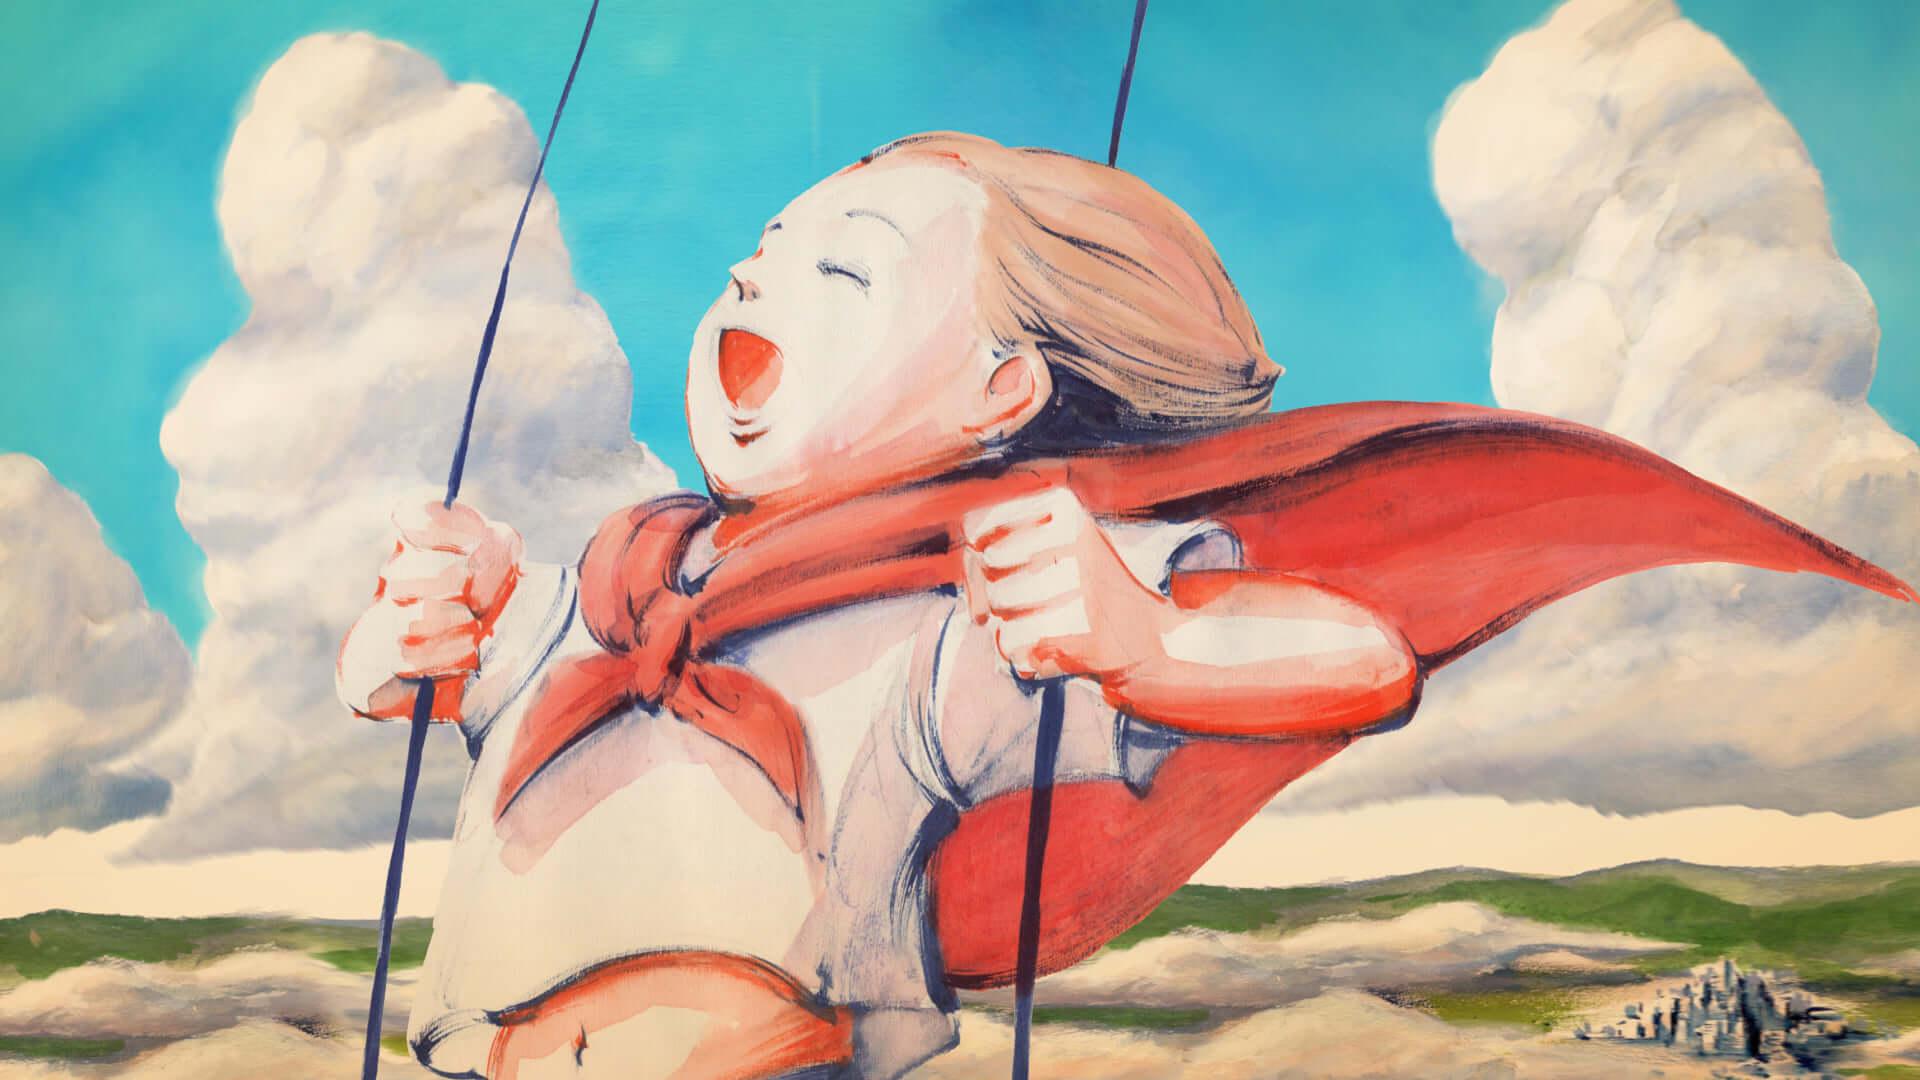 米津玄師、「海の幽霊」を超えた新記録達成|「パプリカ」MV公開から4日と9時間で1,000万再生突破 music190814yonezukenshi-paprika_1-1920x1080